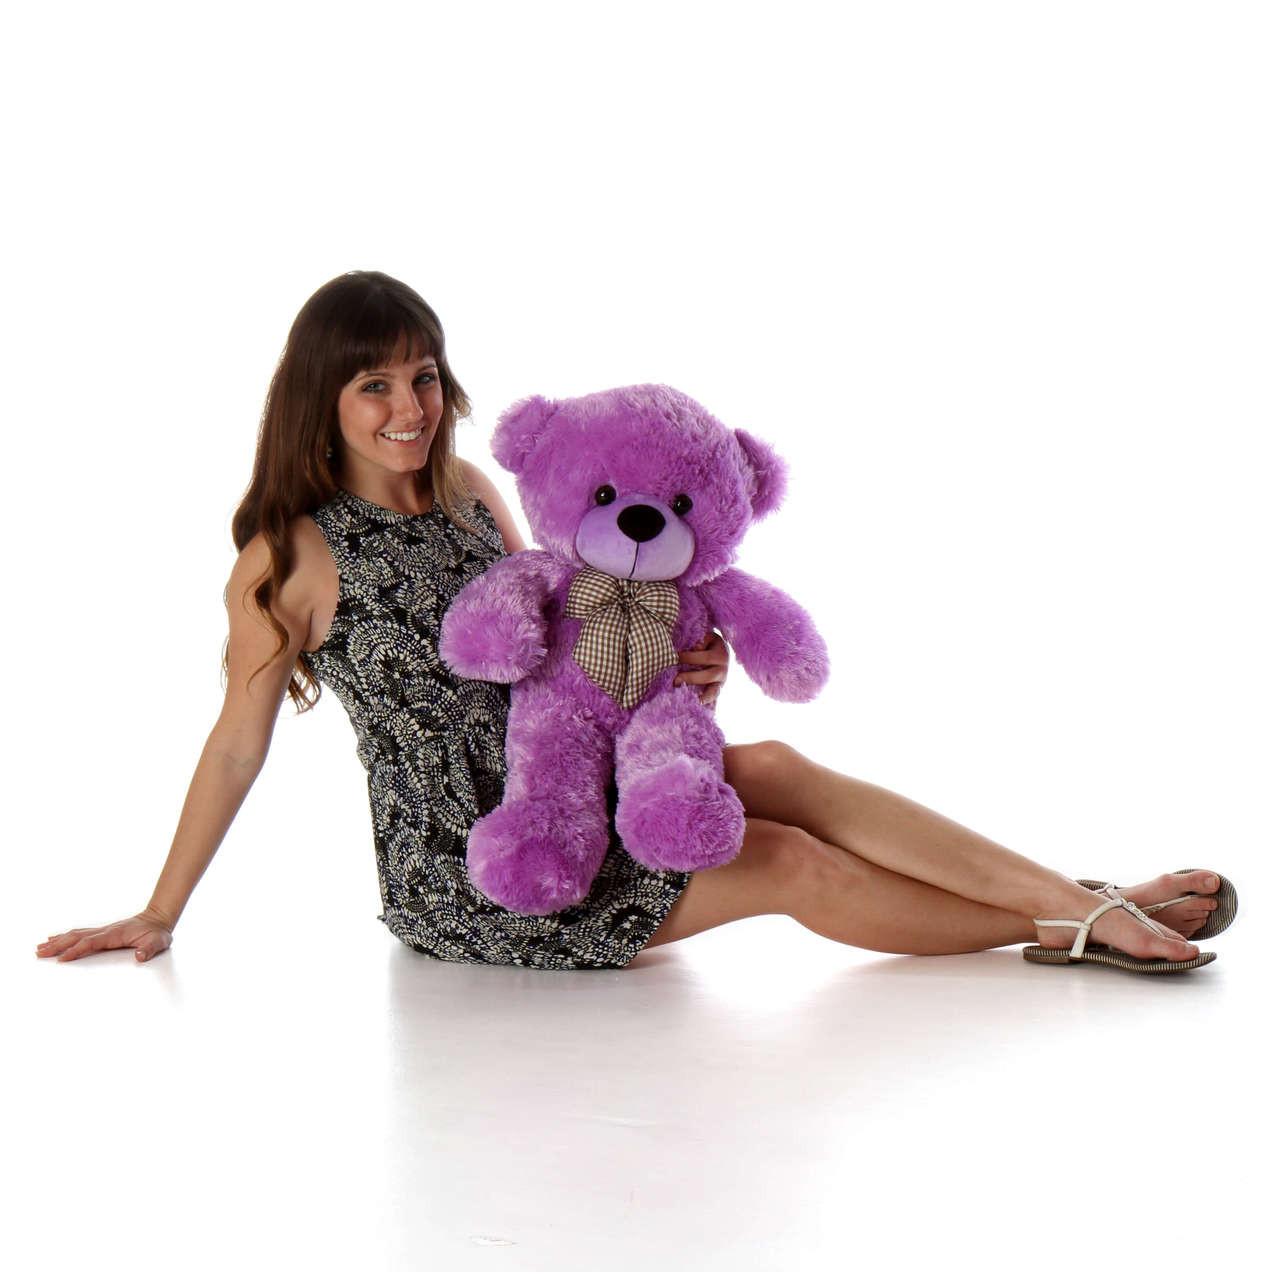 2.5ft Purple Teddy Bear with Model DeeDee Cuddles